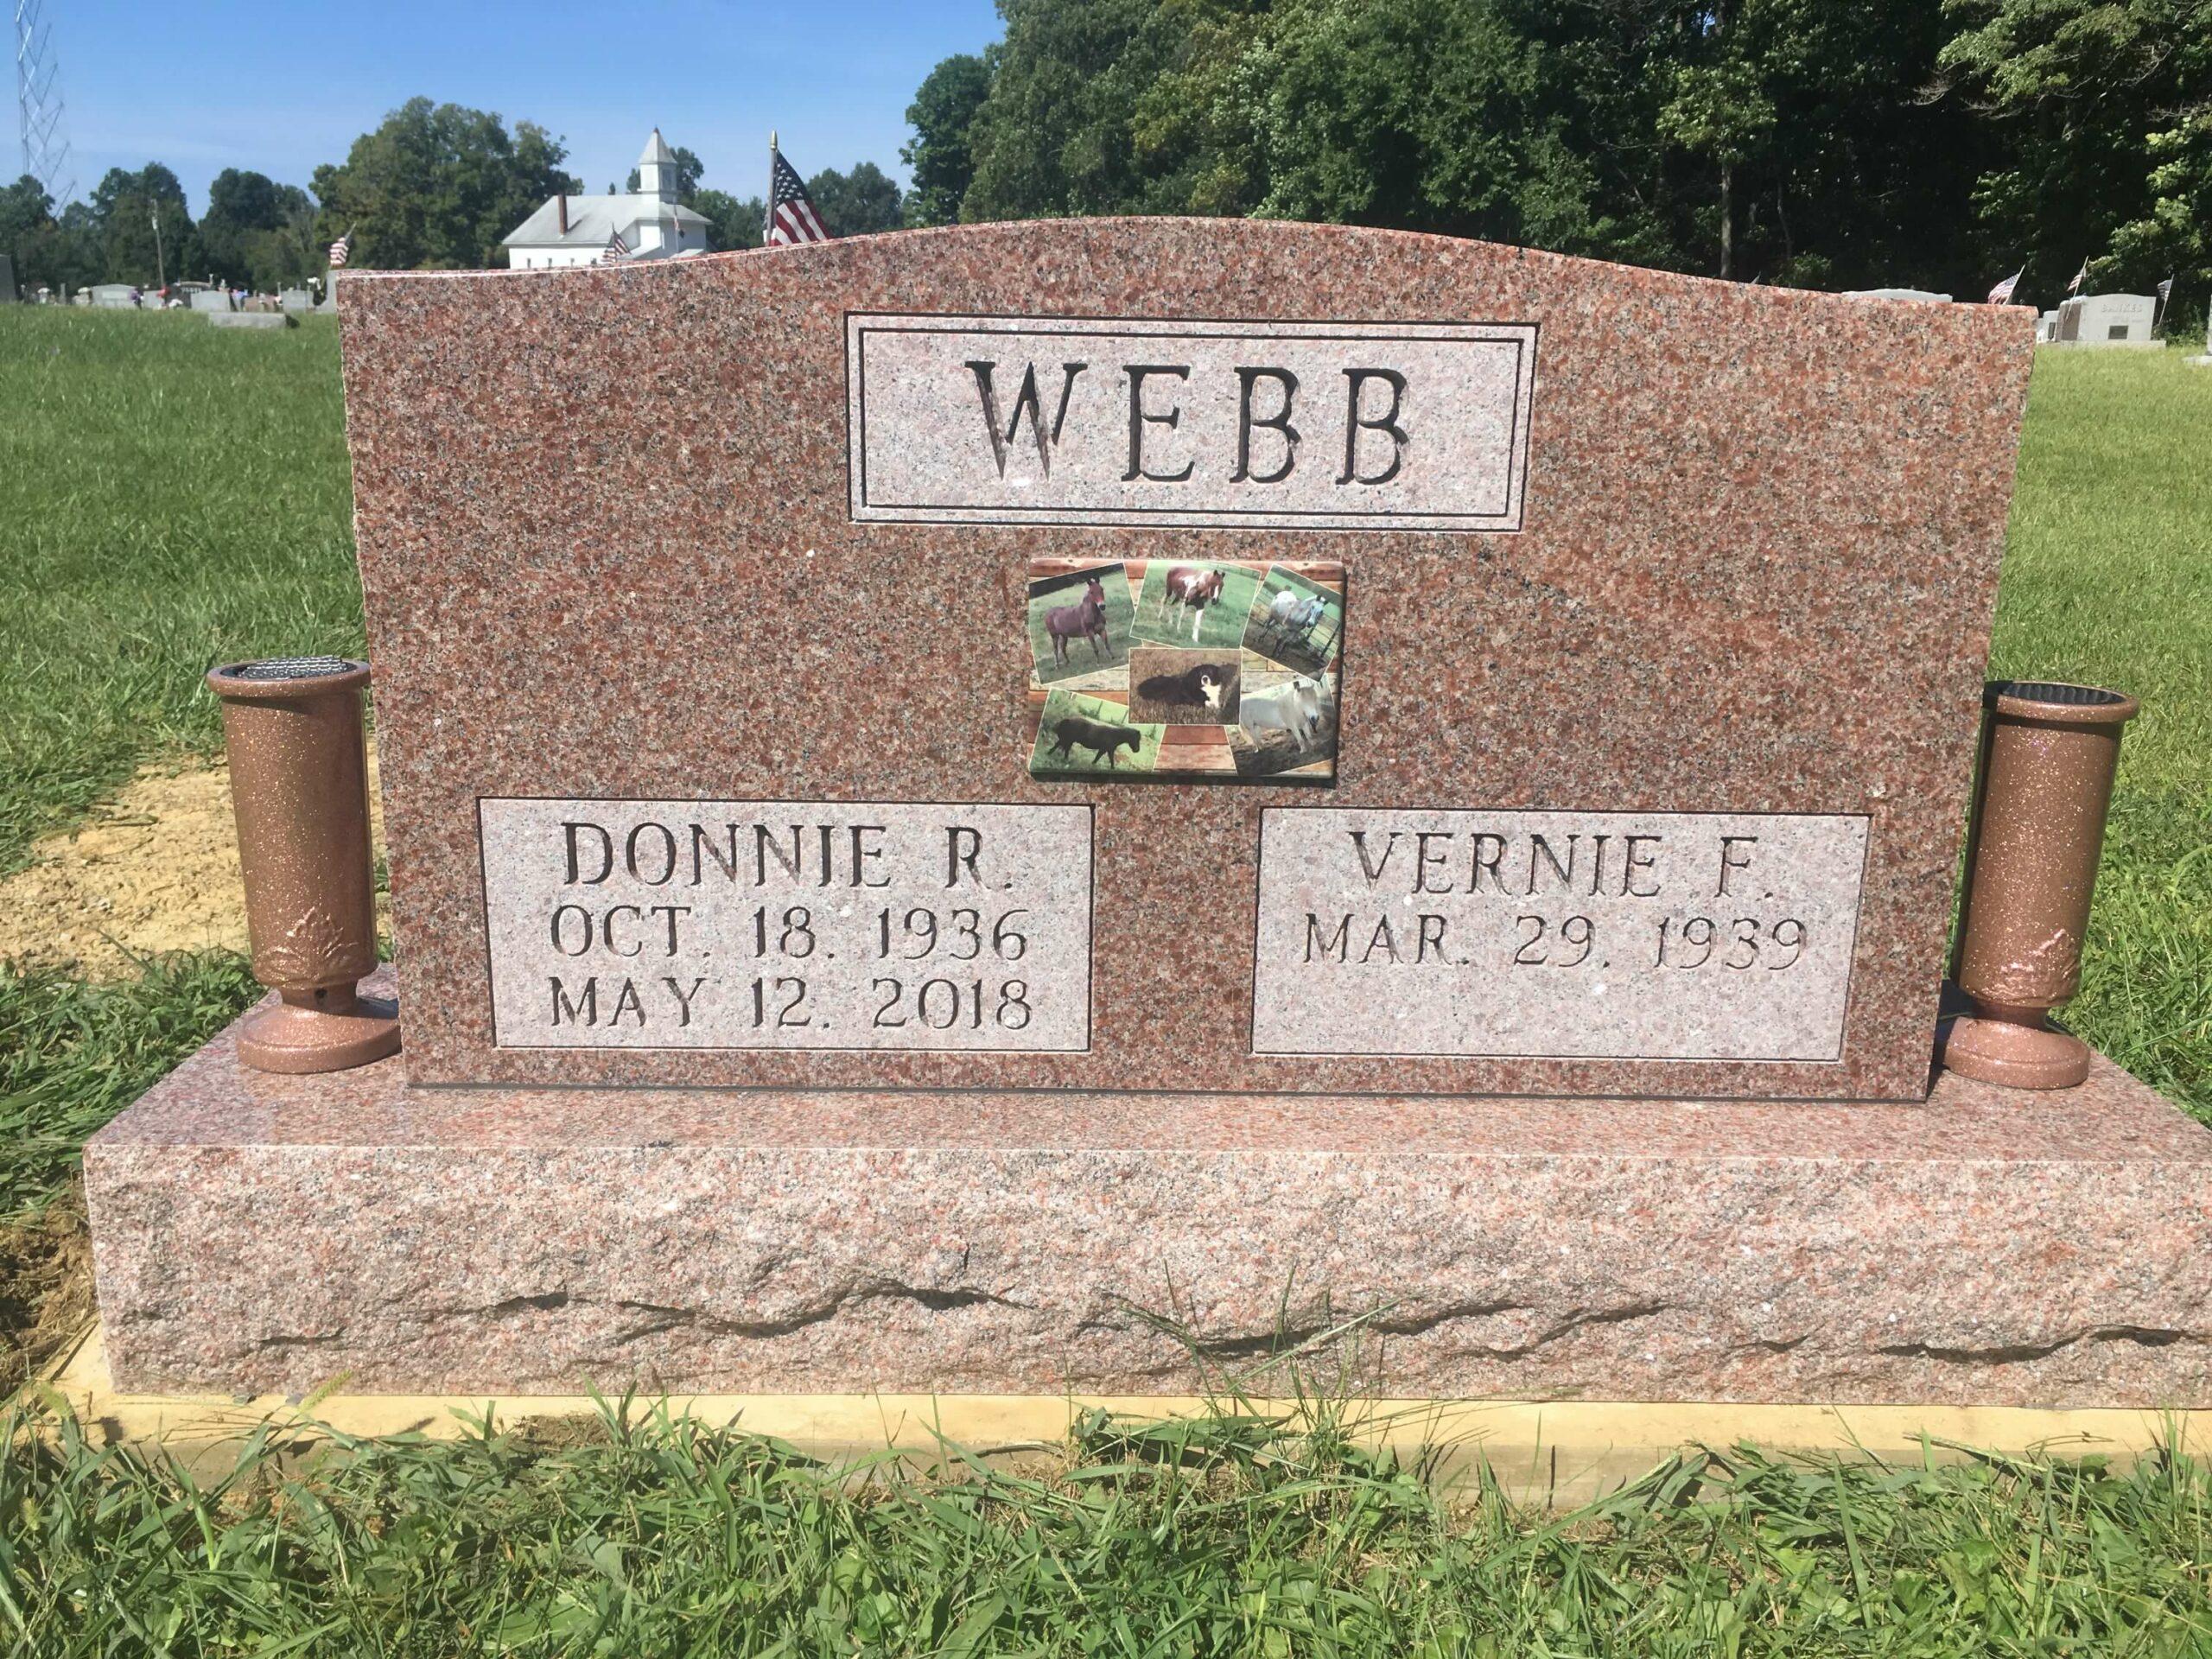 Webb, Donnie